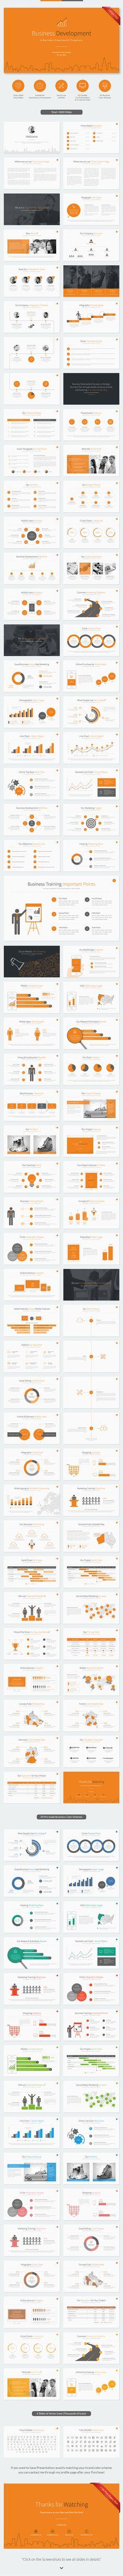 Business Development Powerpoint Template - Business PowerPoint Templates